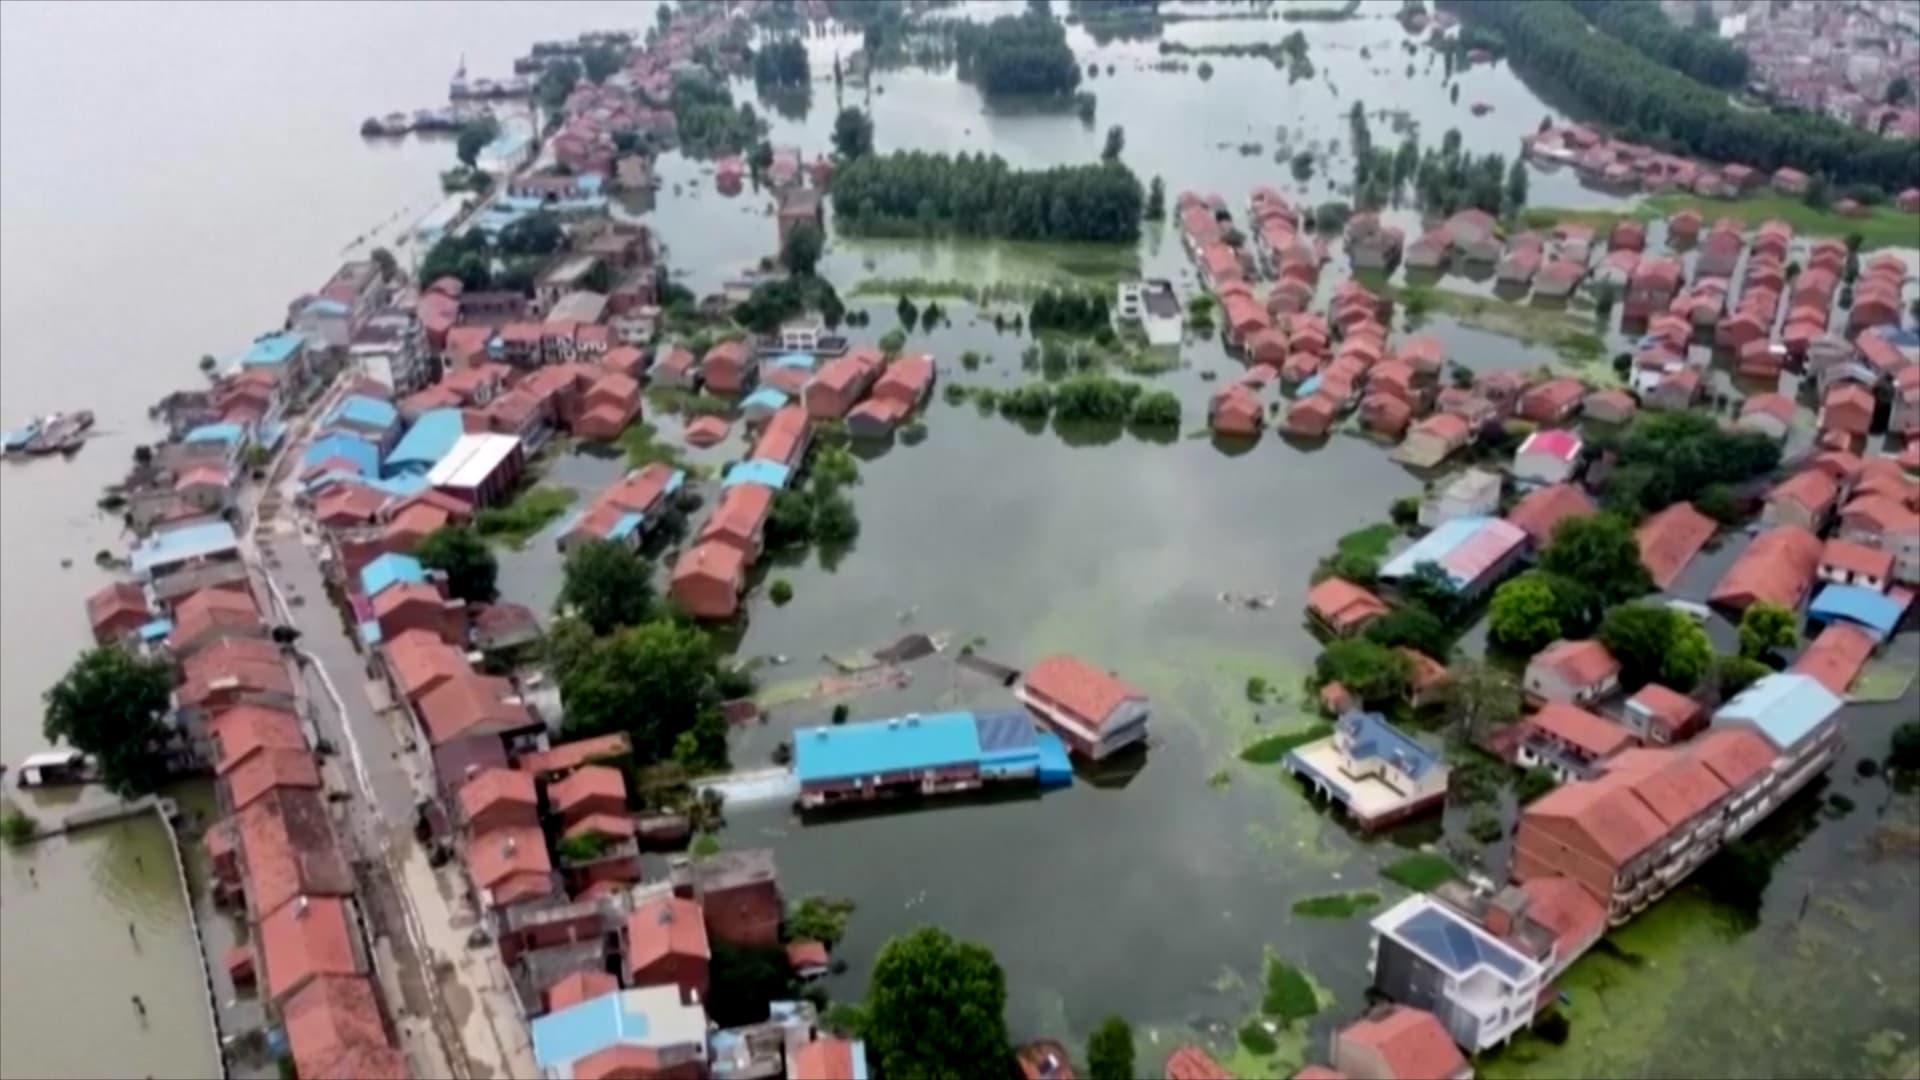 الأمطار تغرق مناطق واسعة في الهند وبنغلاديش وتتسبب في نزوح عشرات الآلاف